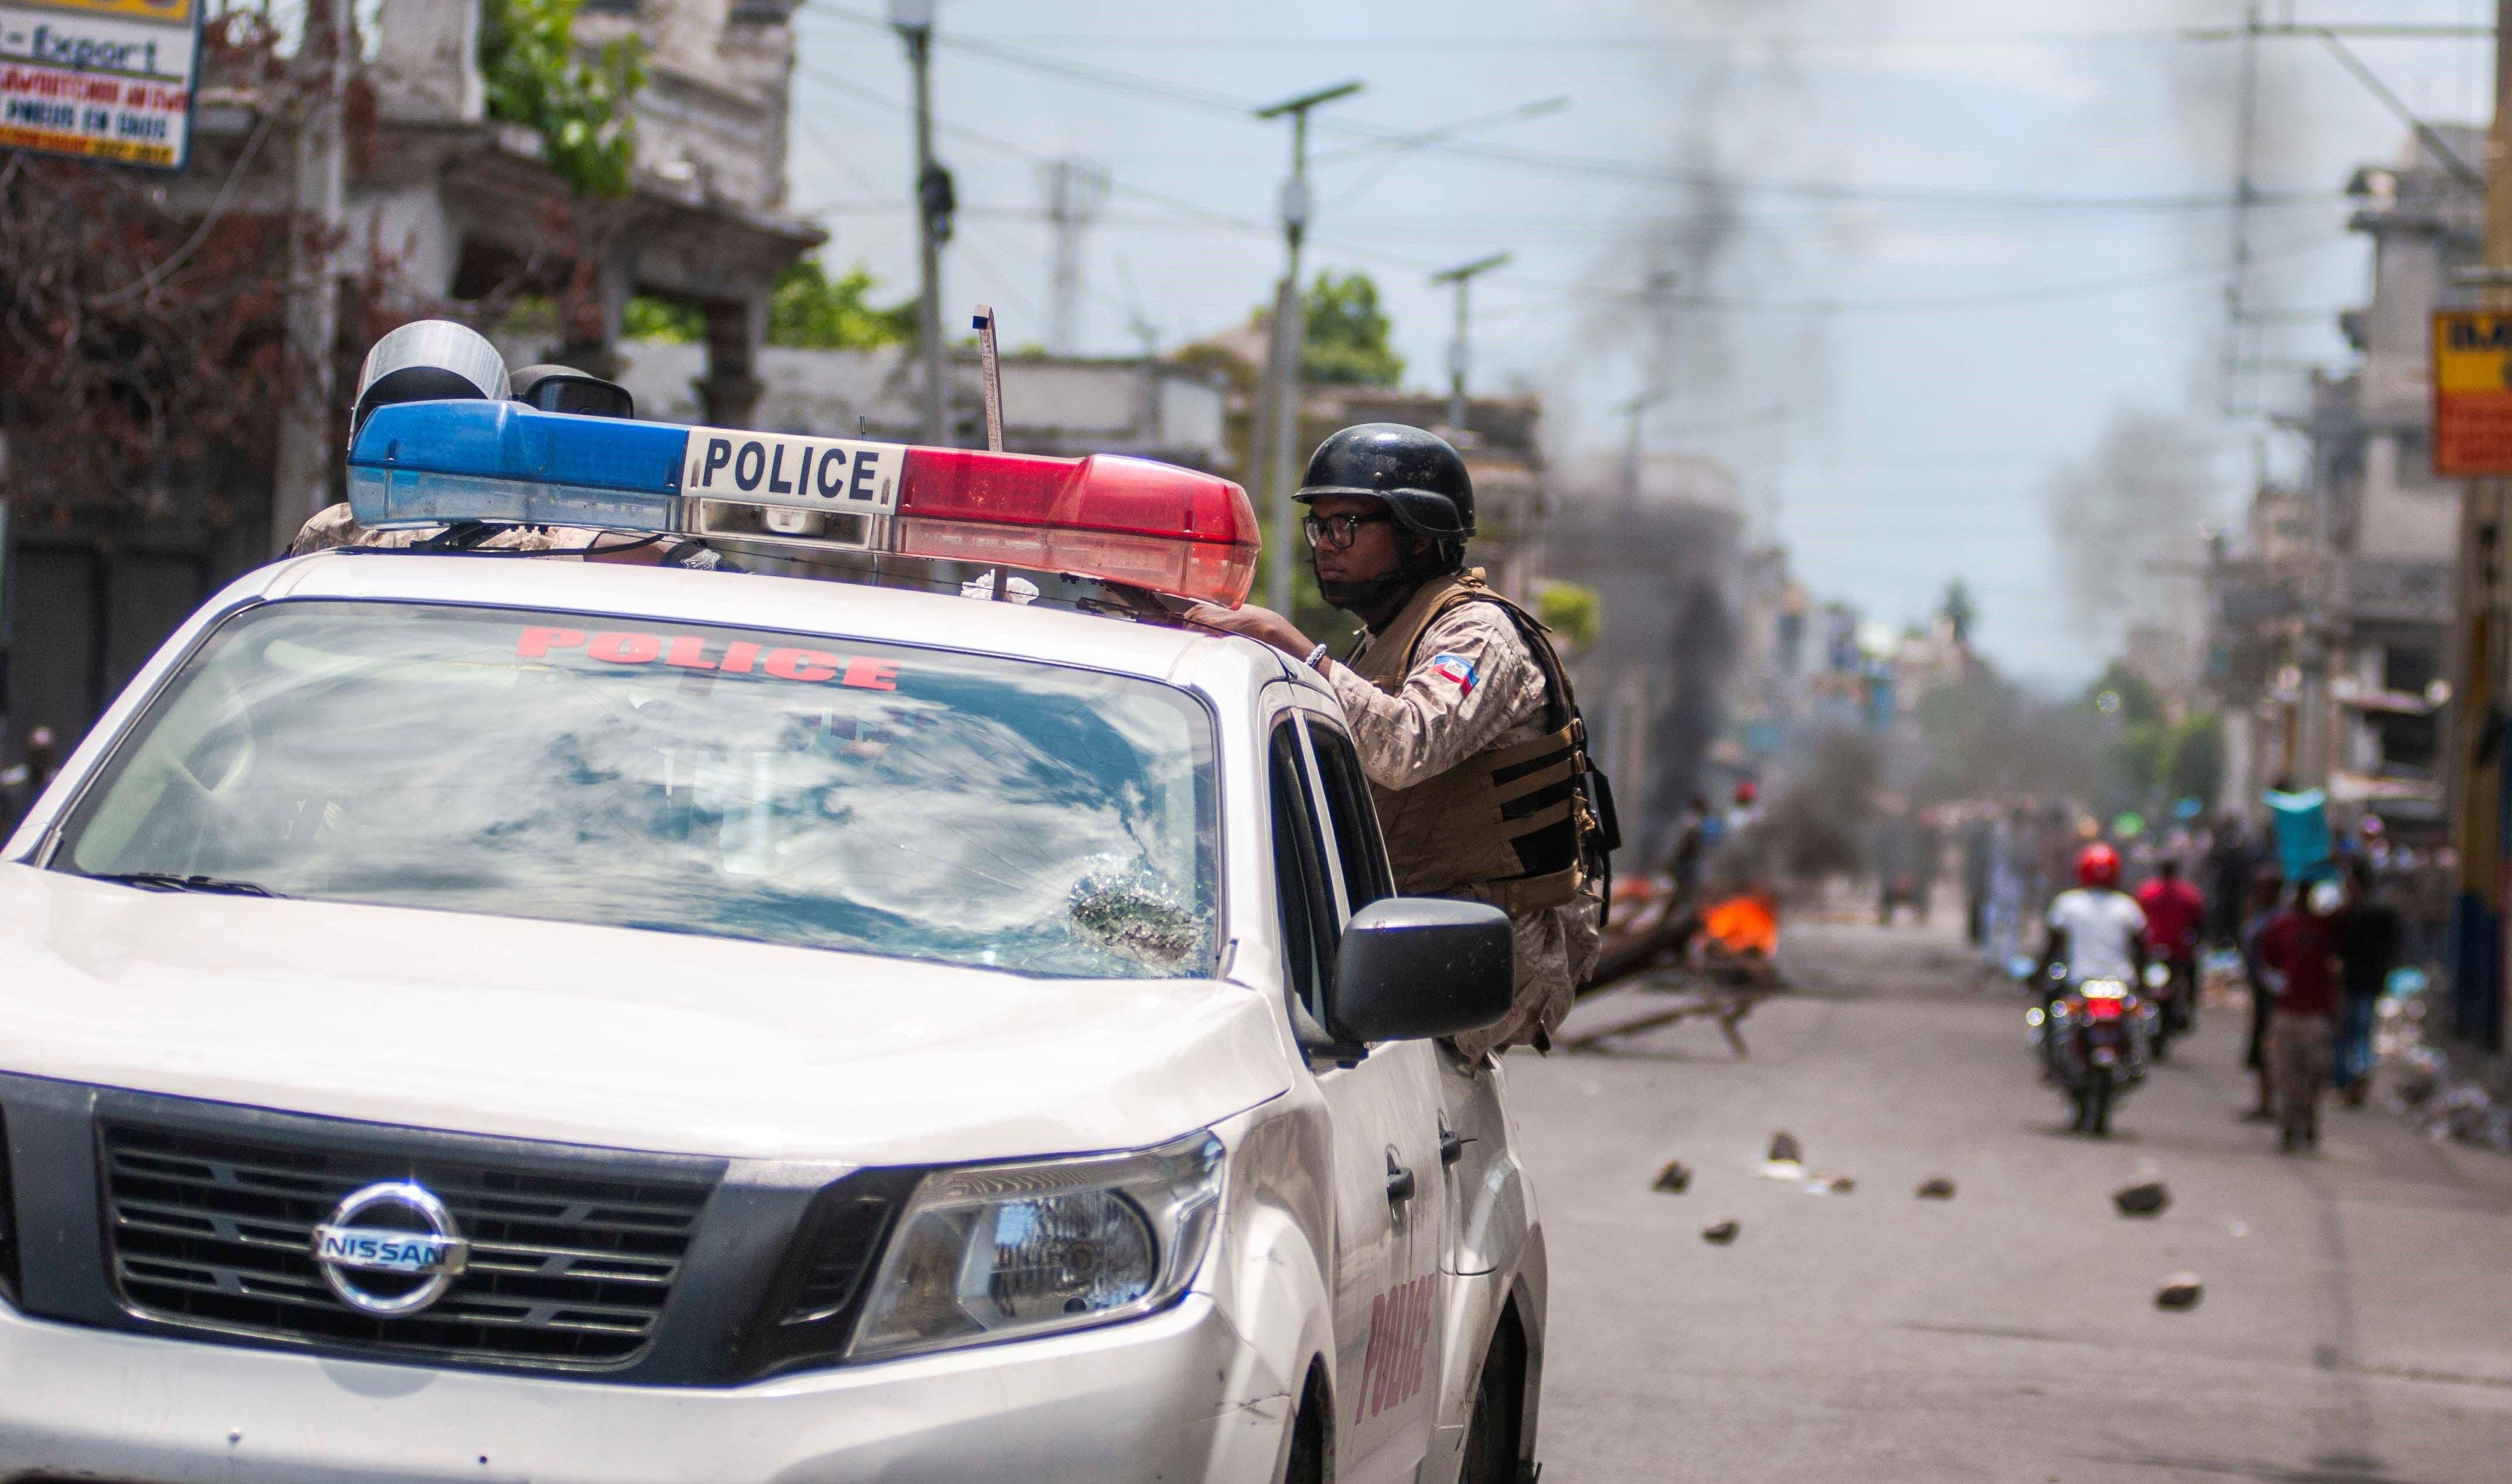 Al menos 8 muertos en enfrentamientos entre bandas armadas en oeste de Haití